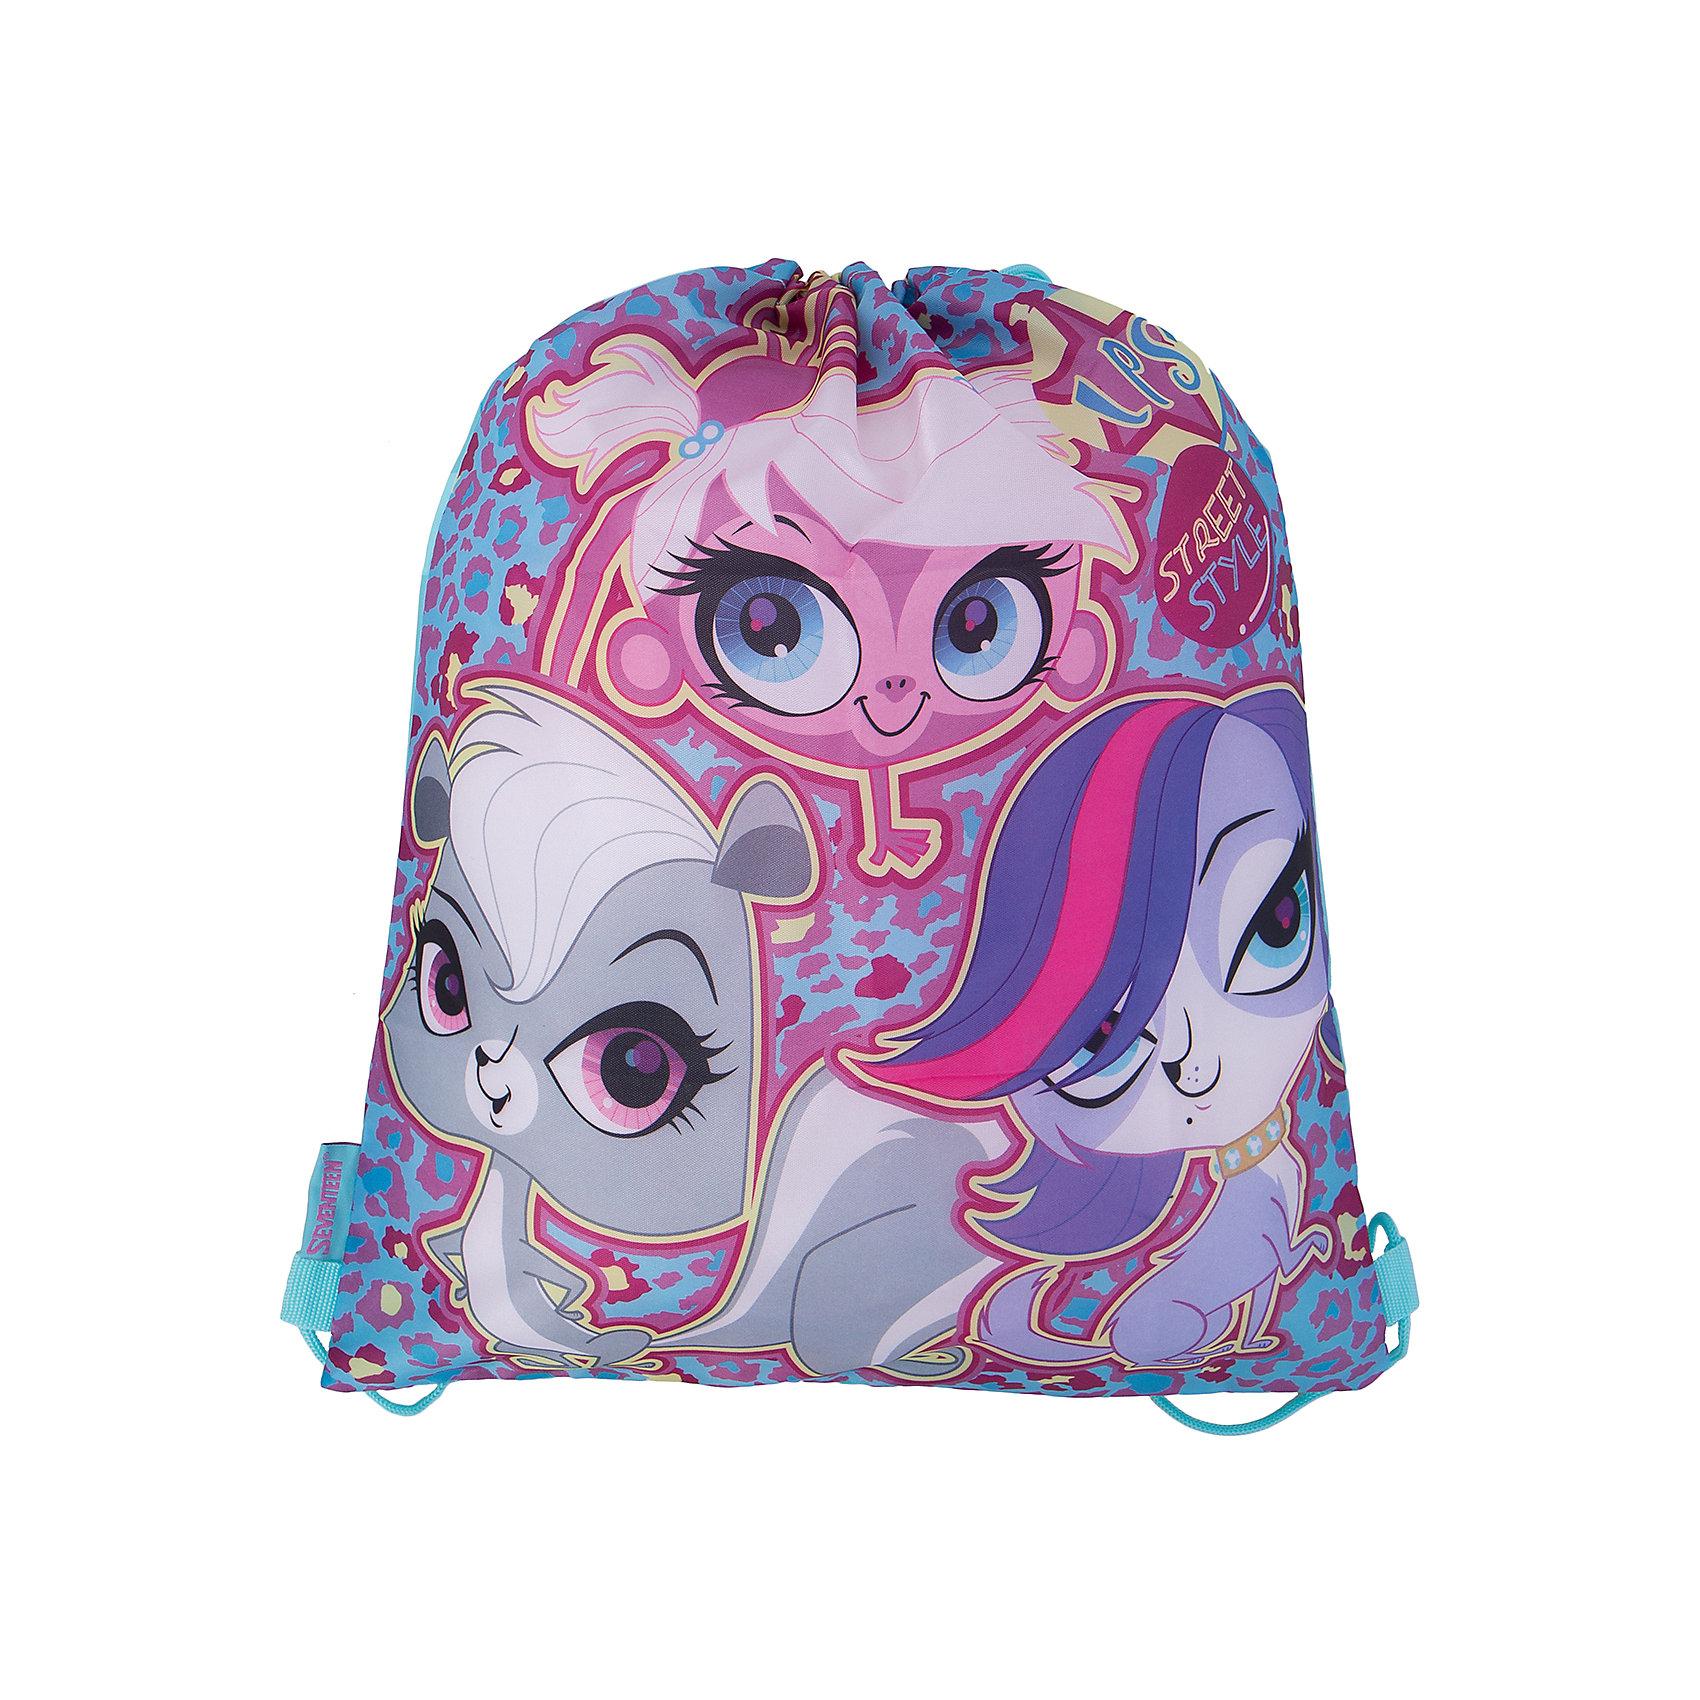 Сумка-рюкзак для обуви, Littlest Pet Shop